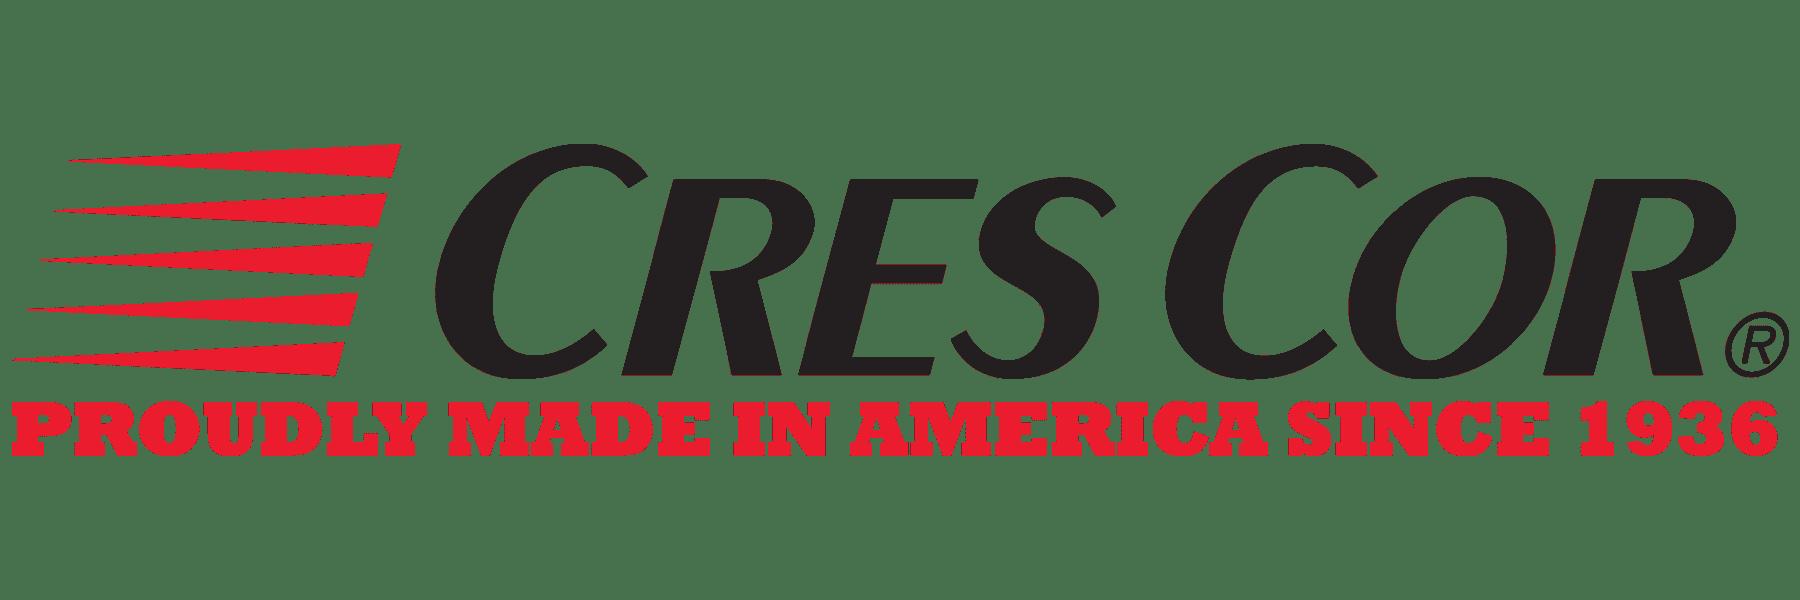 CresCor logo